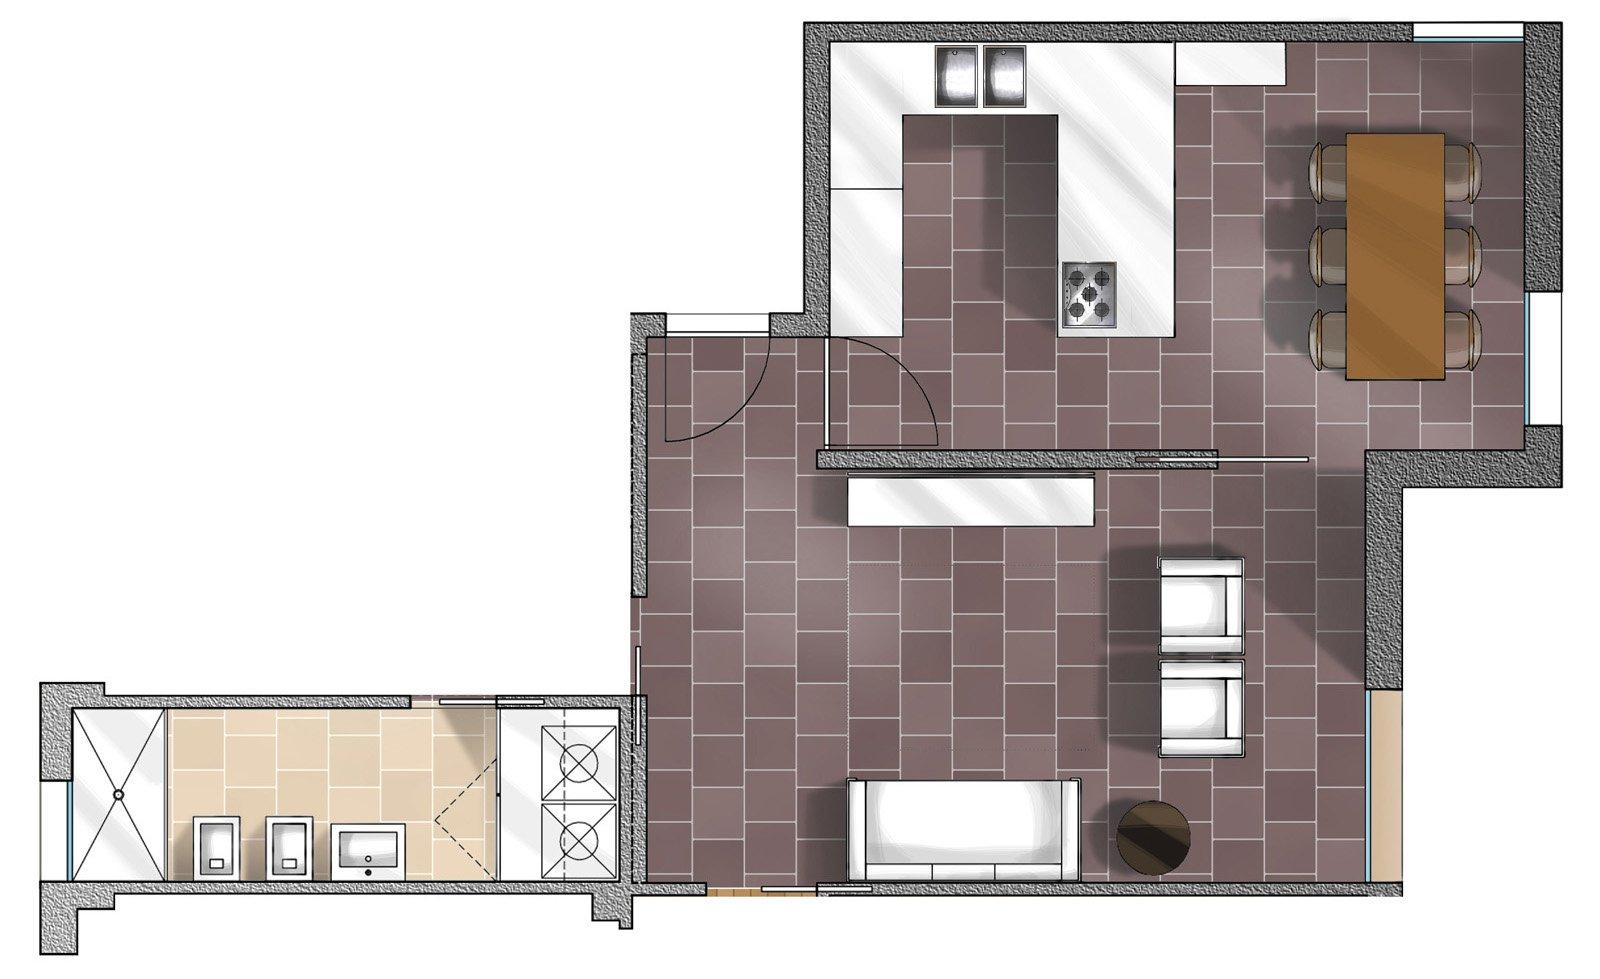 Idee da copiare per migliorare la casa cose di casa - Idee progetti ristrutturazione casa ...